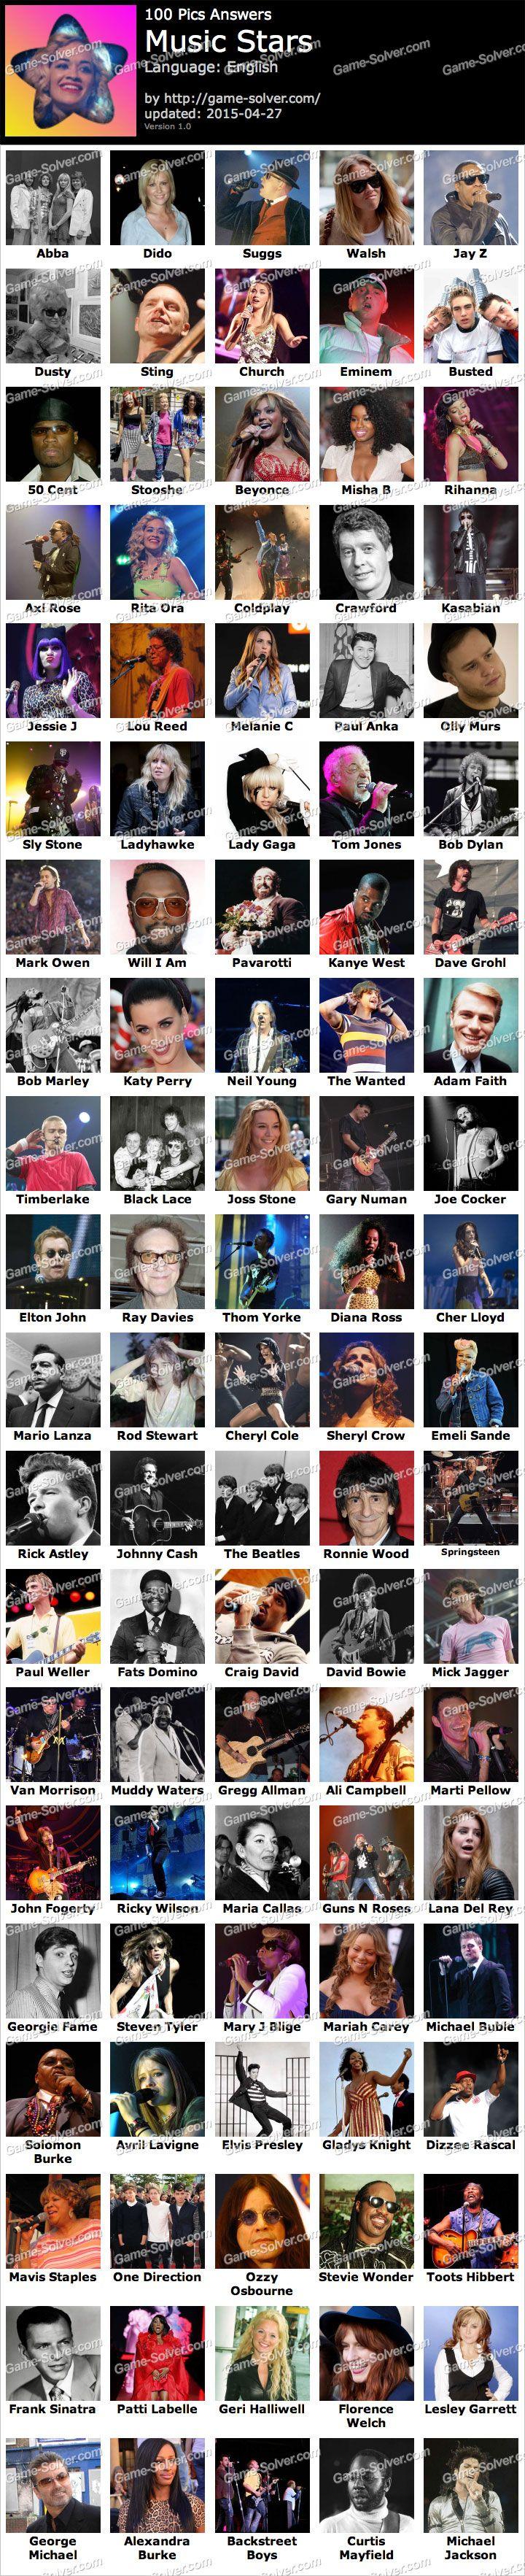 100 Pics Answers Movie Stars : answers, movie, stars, Music, Stars, Star,, Pics,